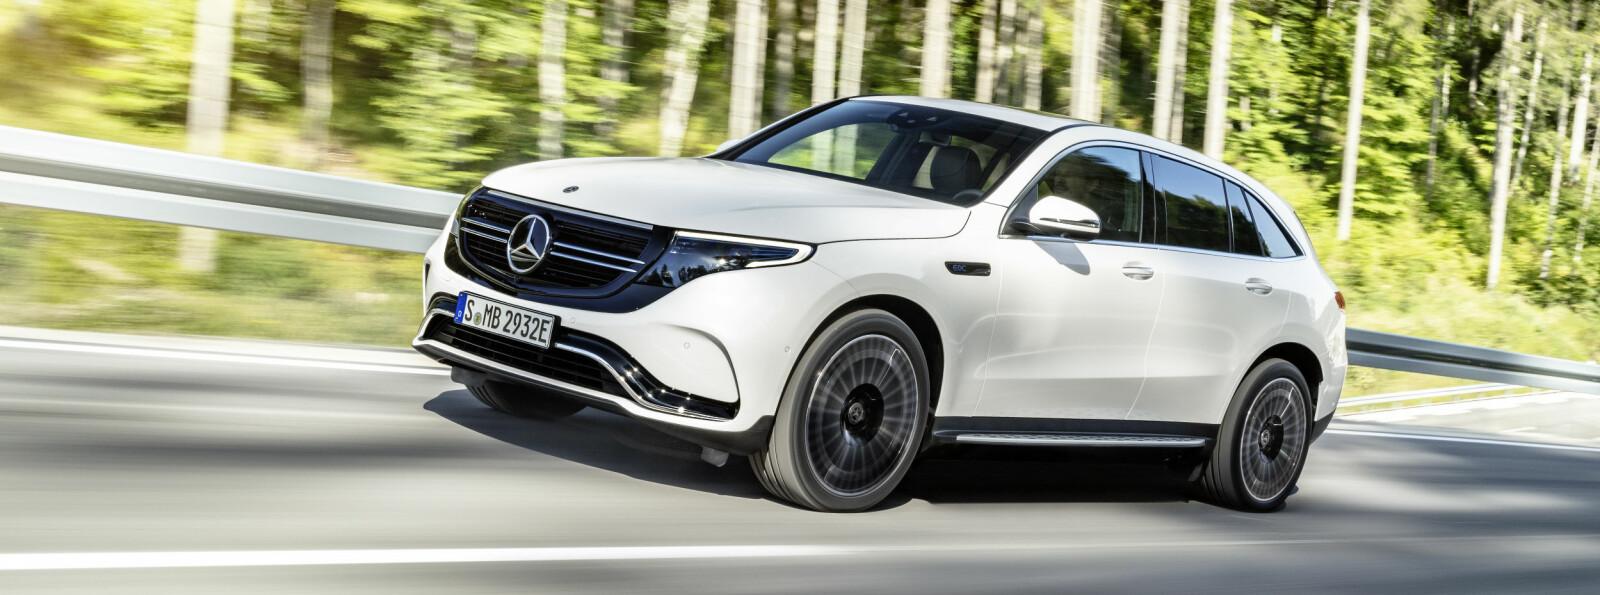 <b>MERCEDES EQ: </b>Mercedes' elbiler samles i merket EQ. Først ut er den elektriske SUV-en EQC, på størrelse med GLC. Her ruller produksjonsbilen ut under avdukingen i Stockholm den 4. september 2018.